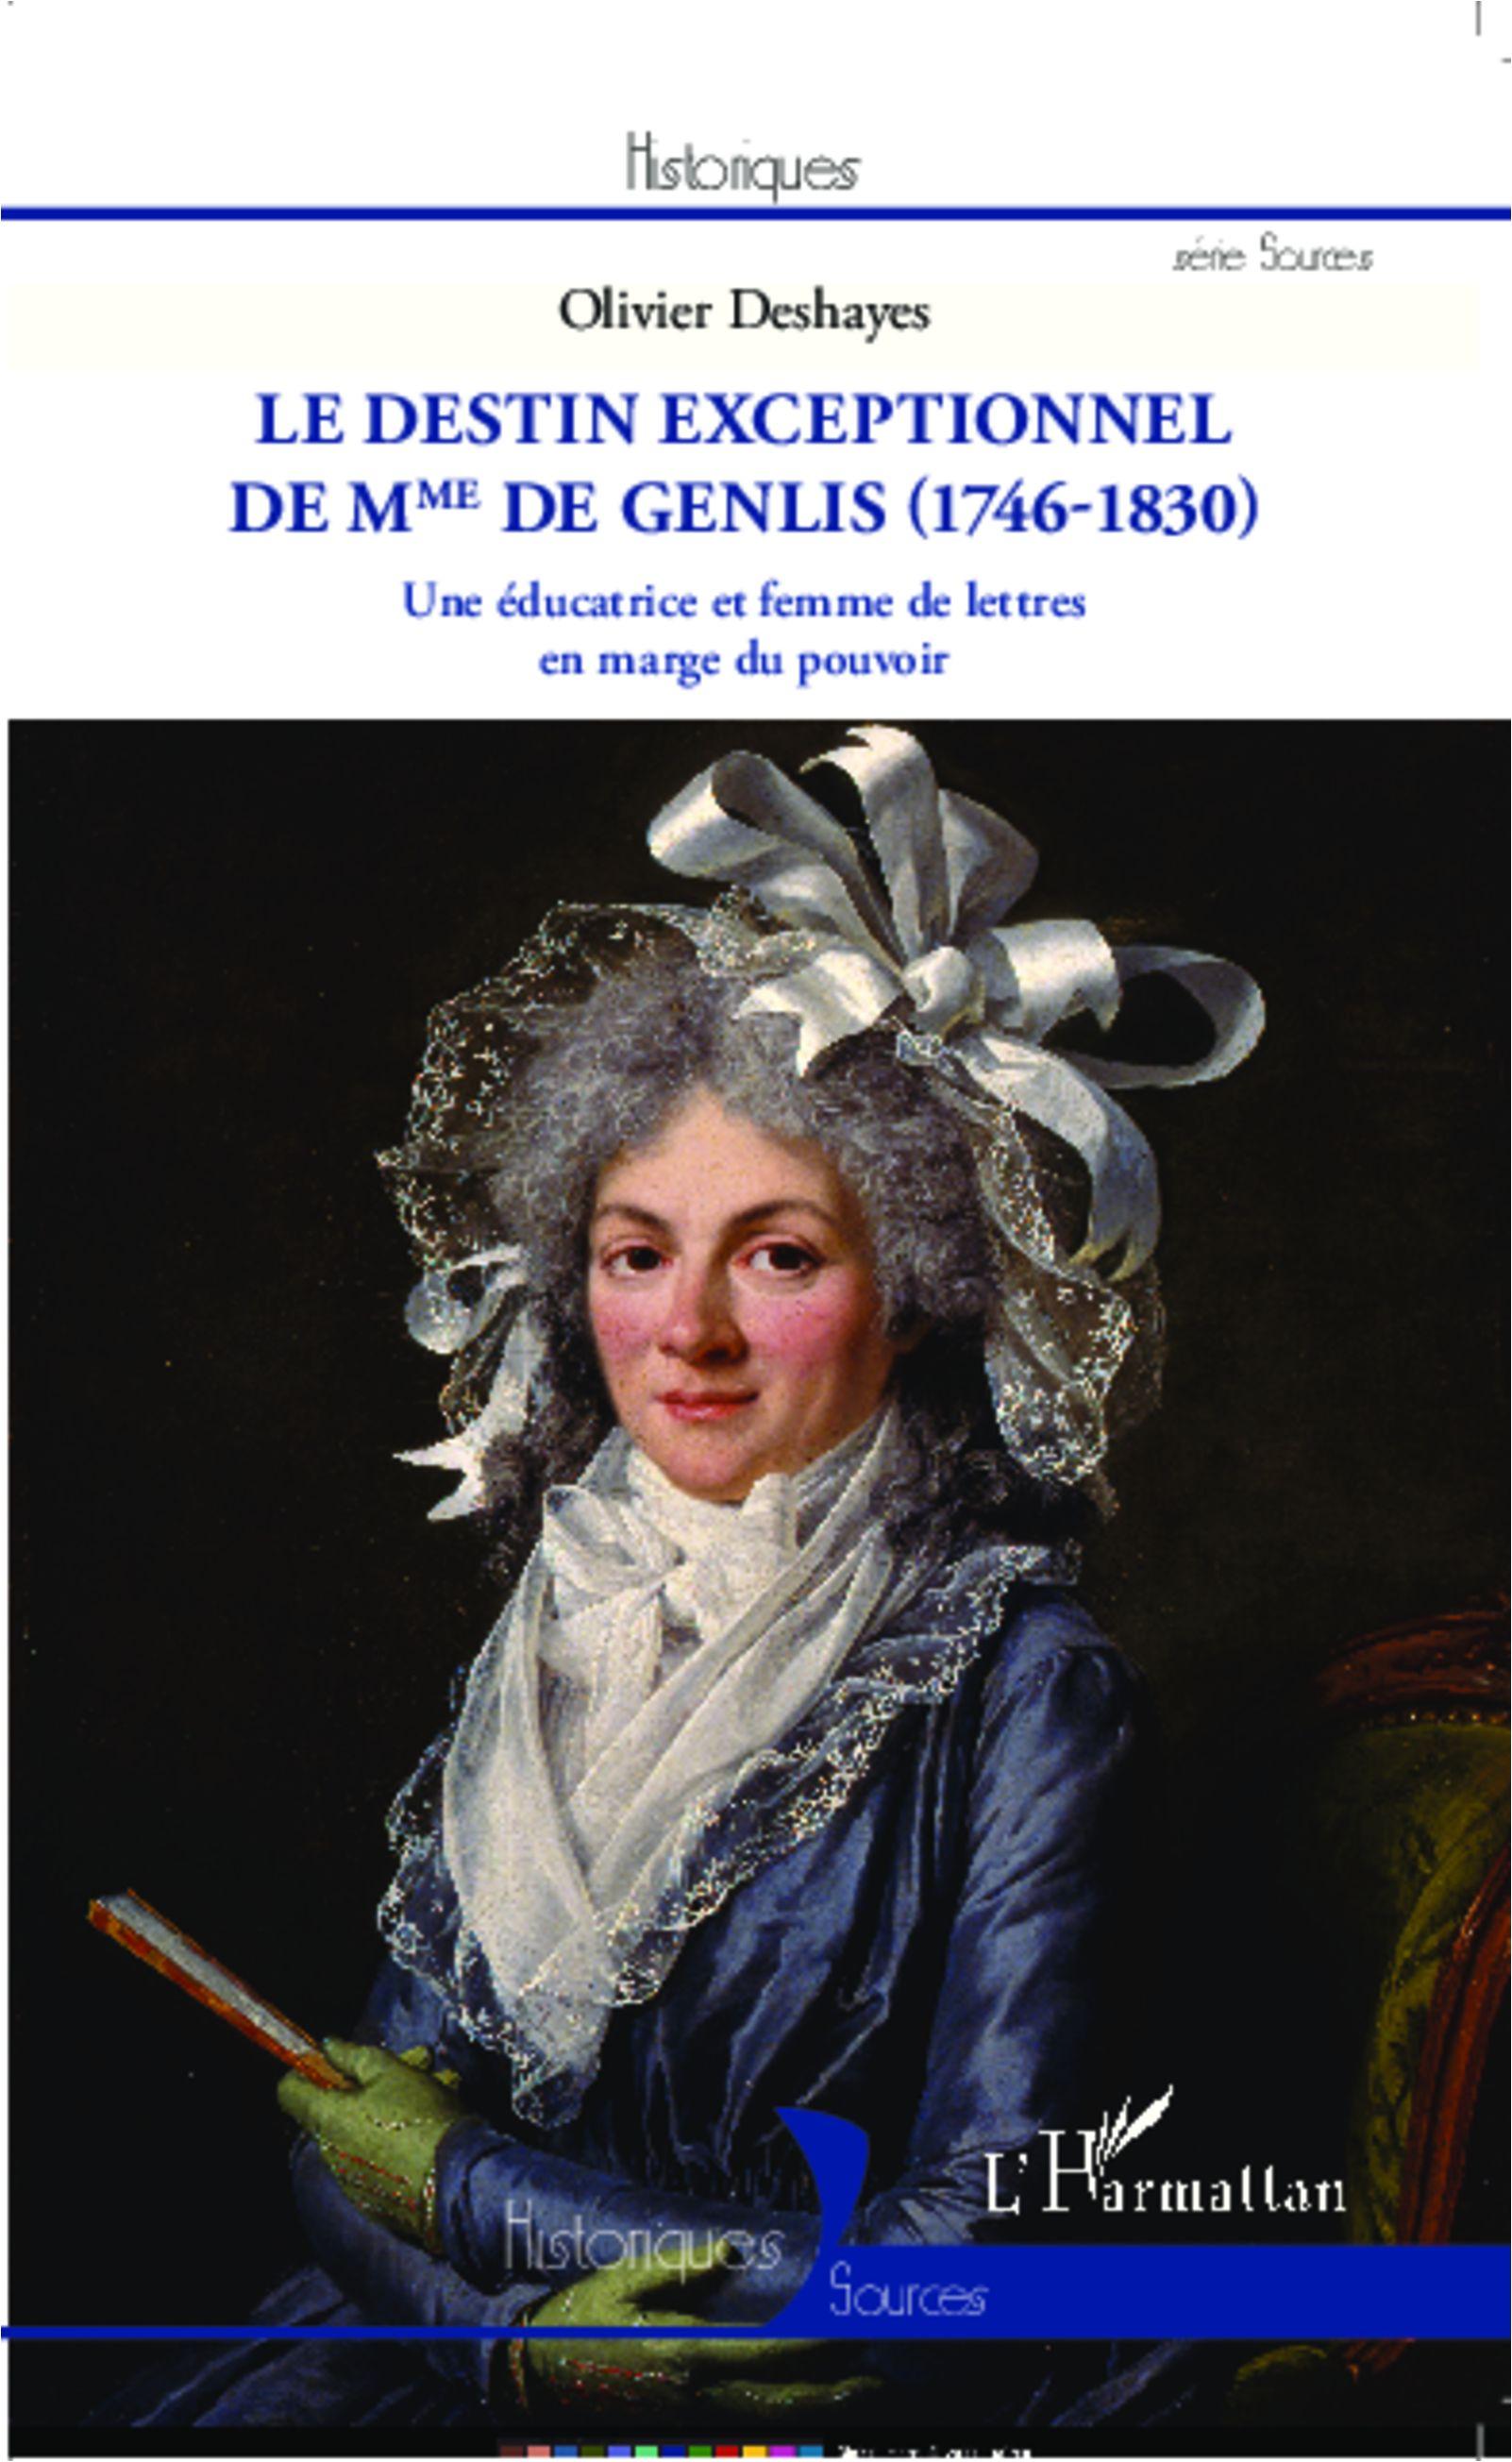 Le destin exceptionnel de Mme de Genlis (1746-1830) - Une éducatrice et femme de lettres en marge du pouvoir